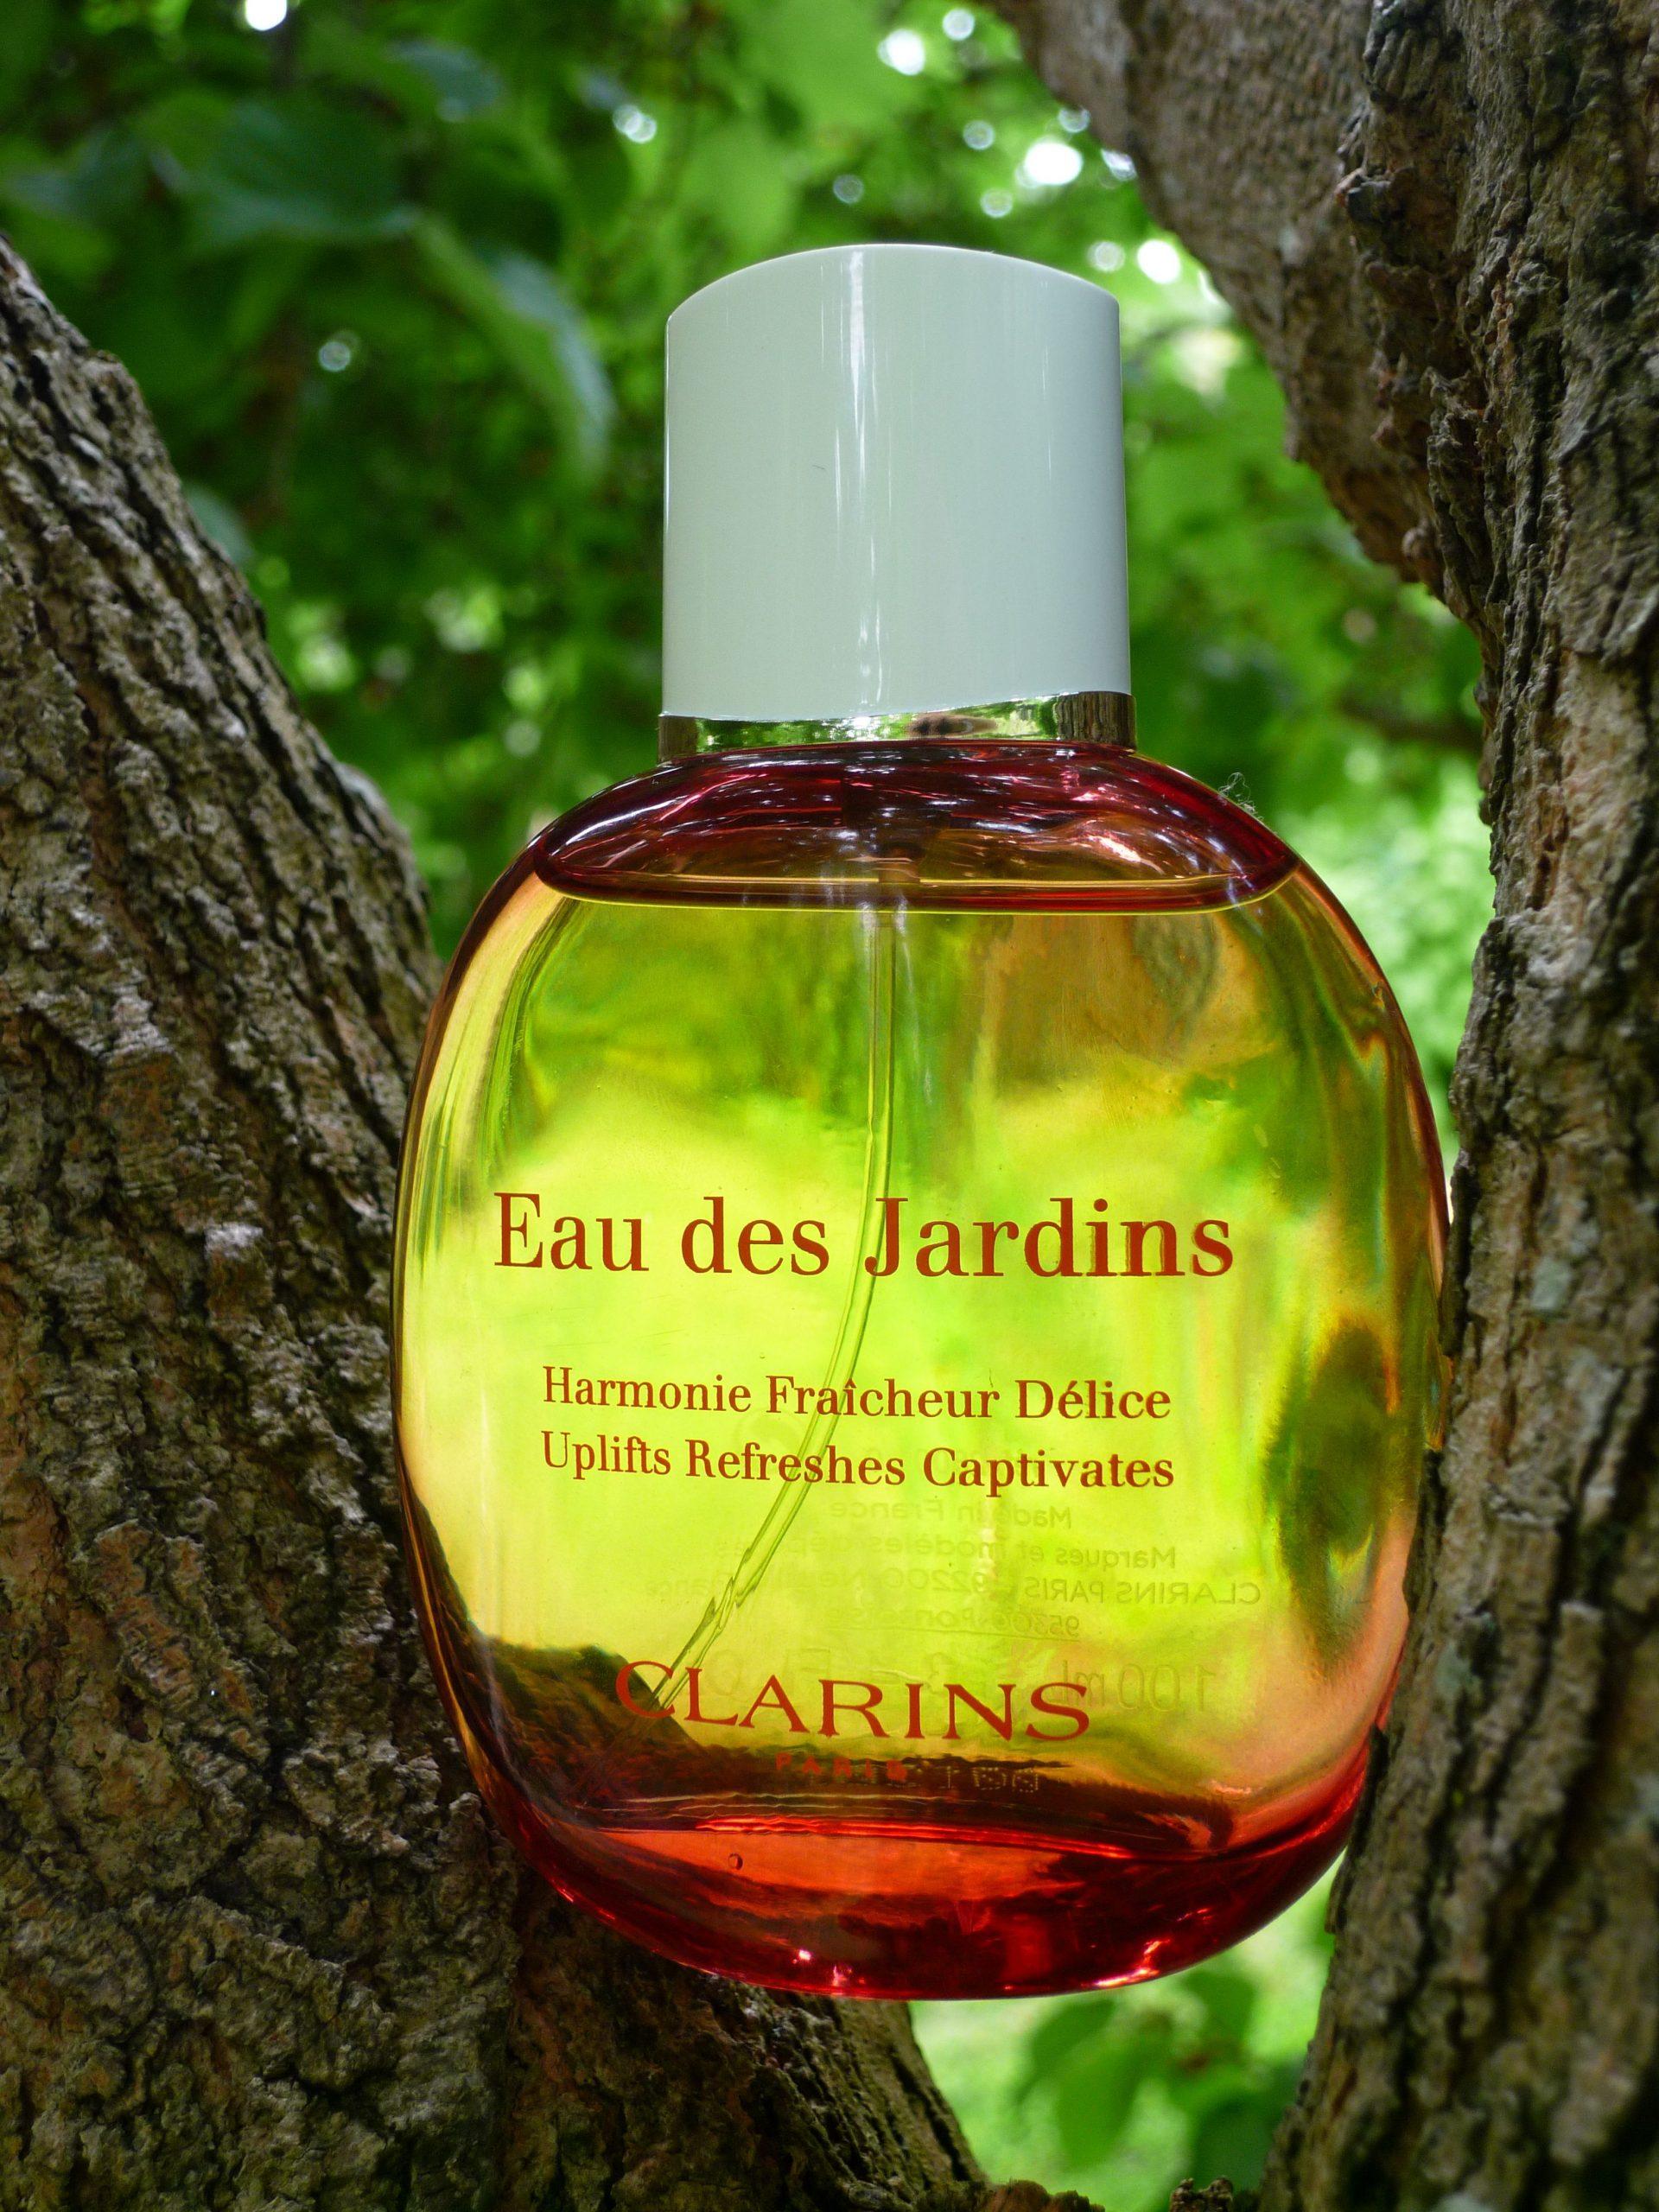 Clarins Eau Des Jardins « The Scent Critic avec Eau De Jardin Clarins